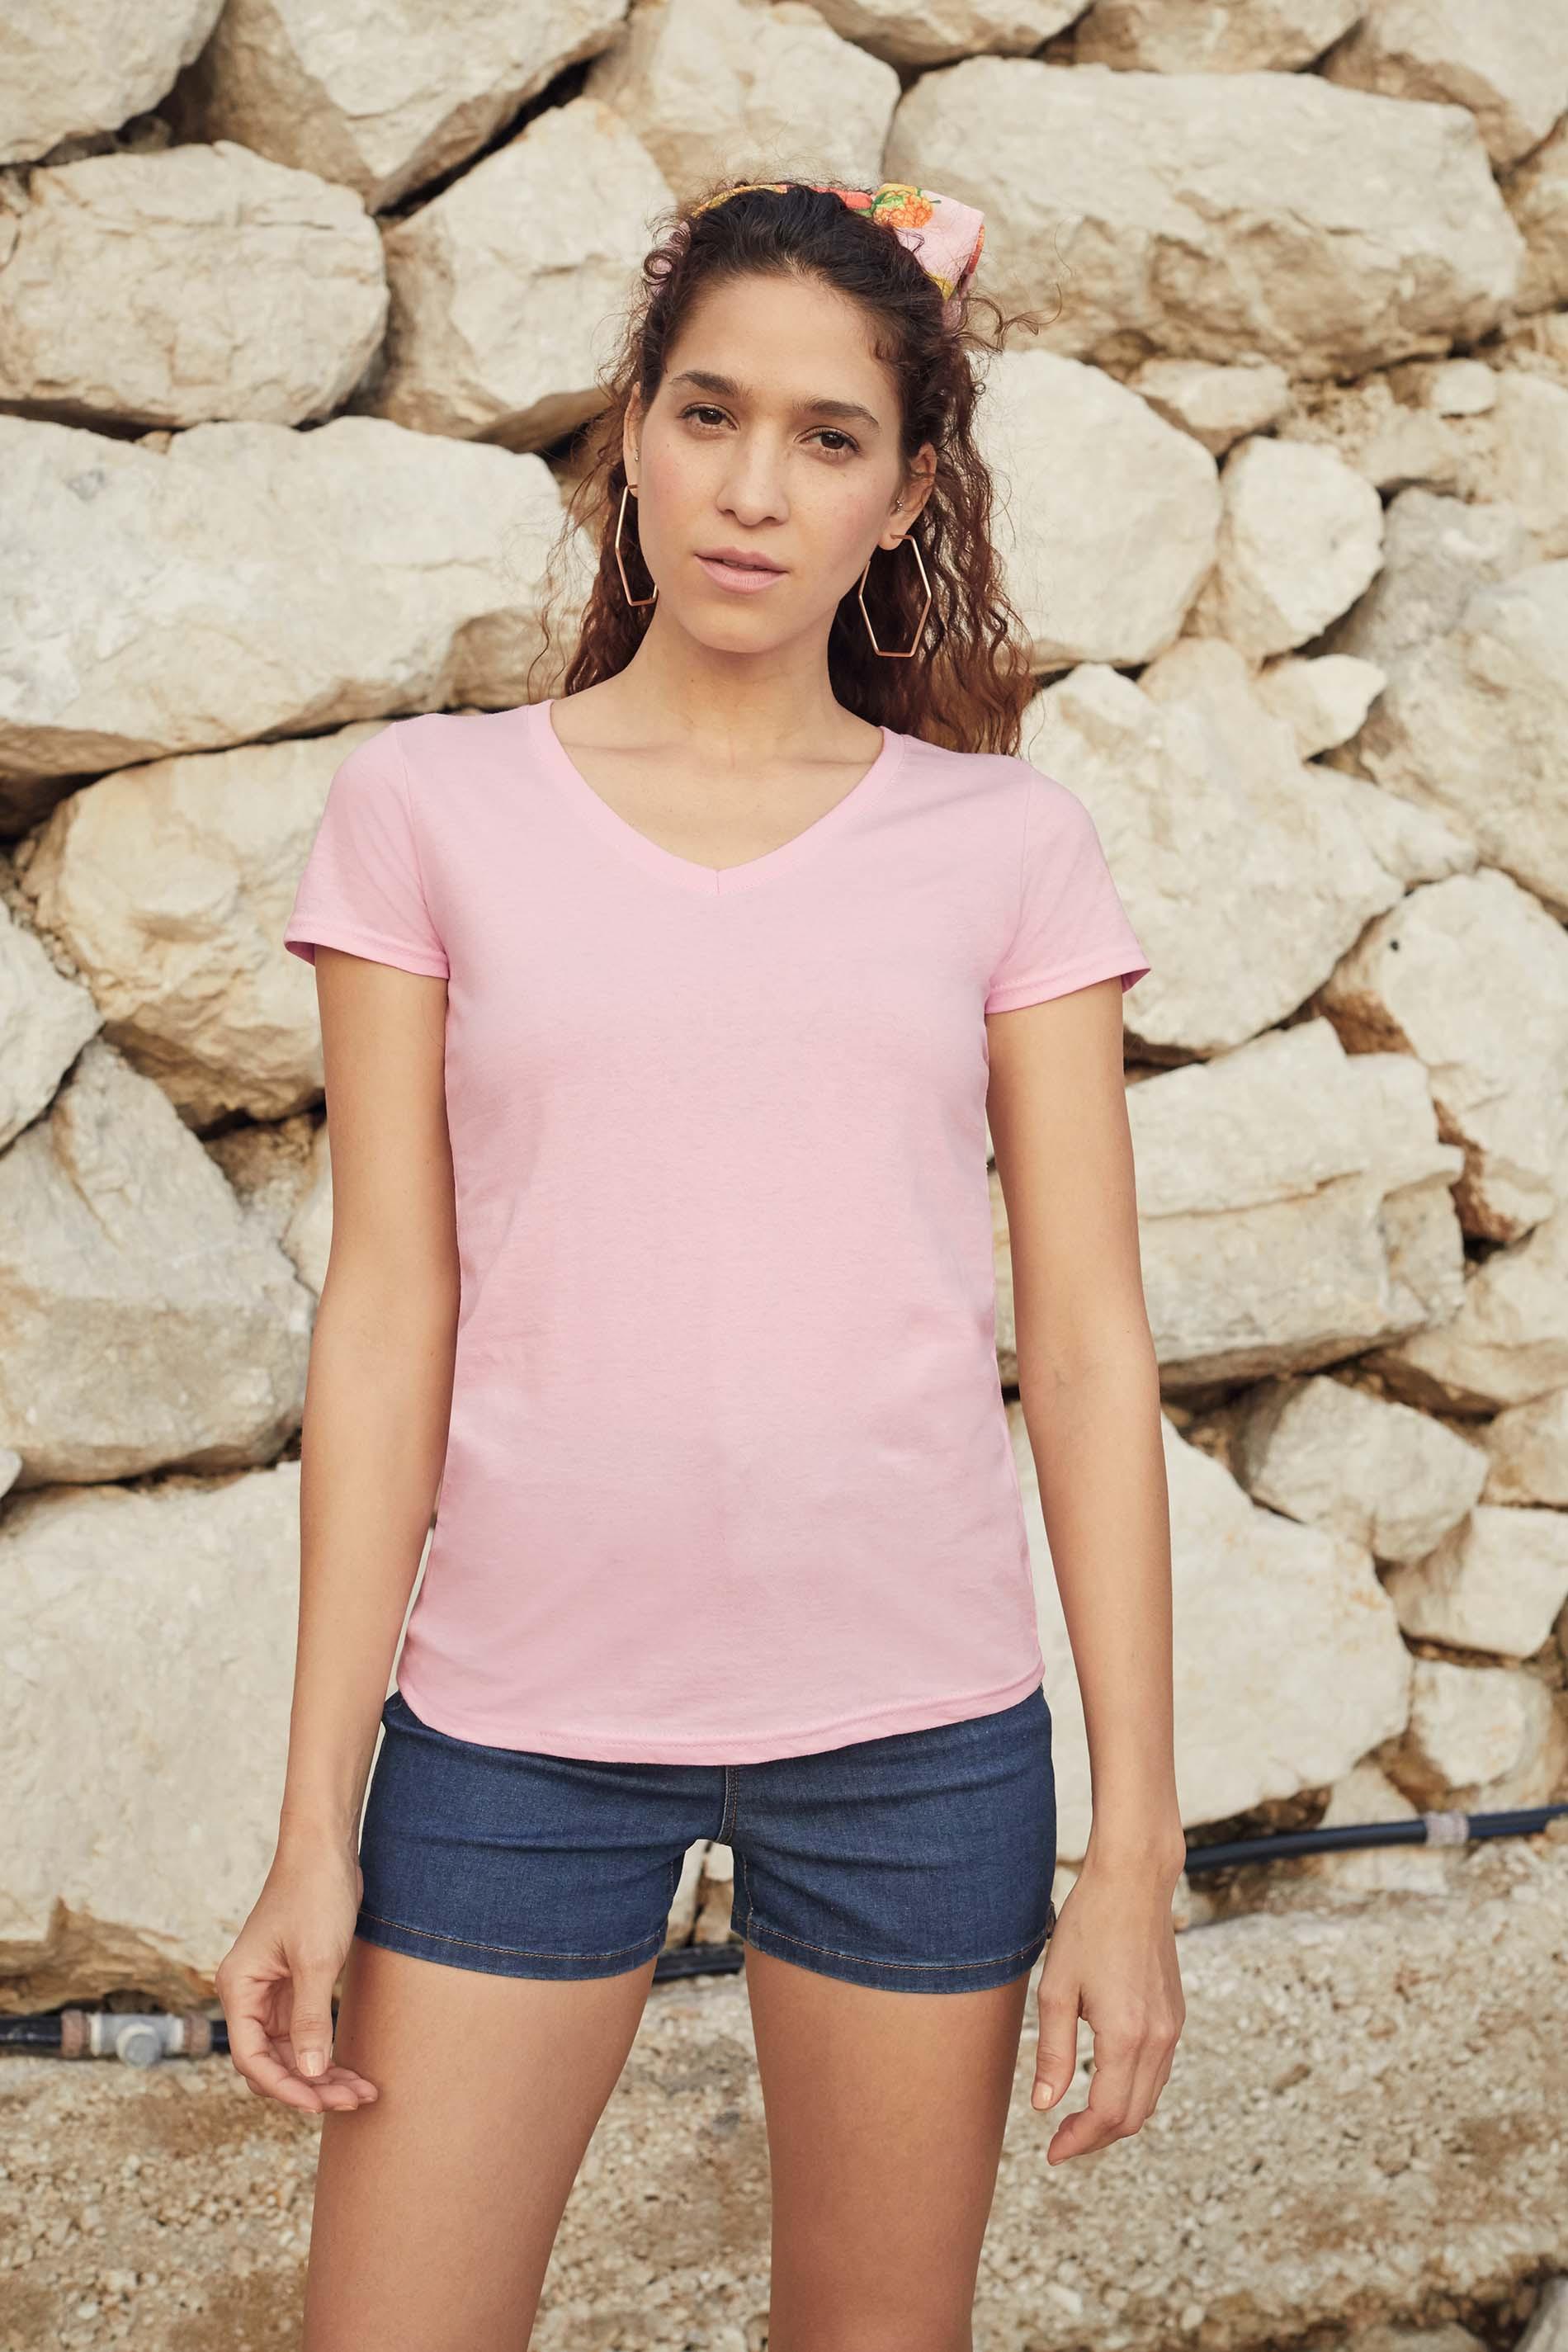 dc09663260 T-shirts (14) - Printbox Impression et broderie sur textile